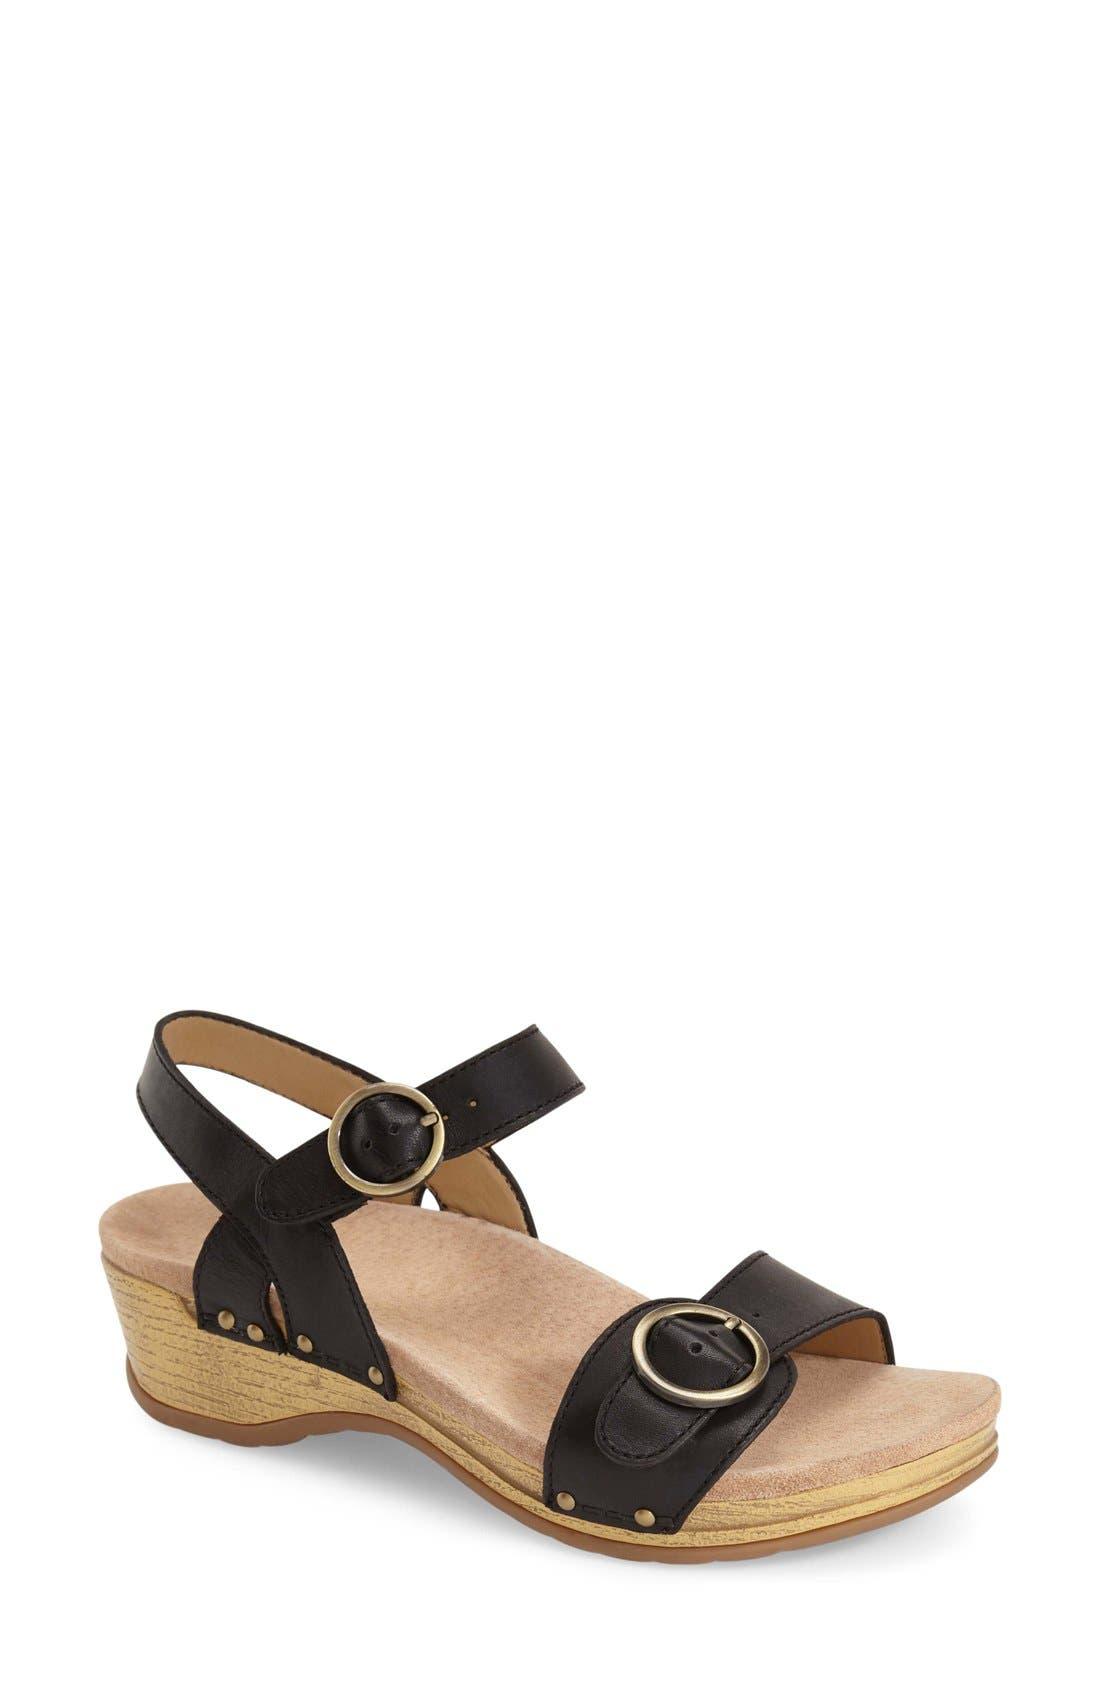 Dansko 'Mabel' Quarter Strap Sandal (Women)